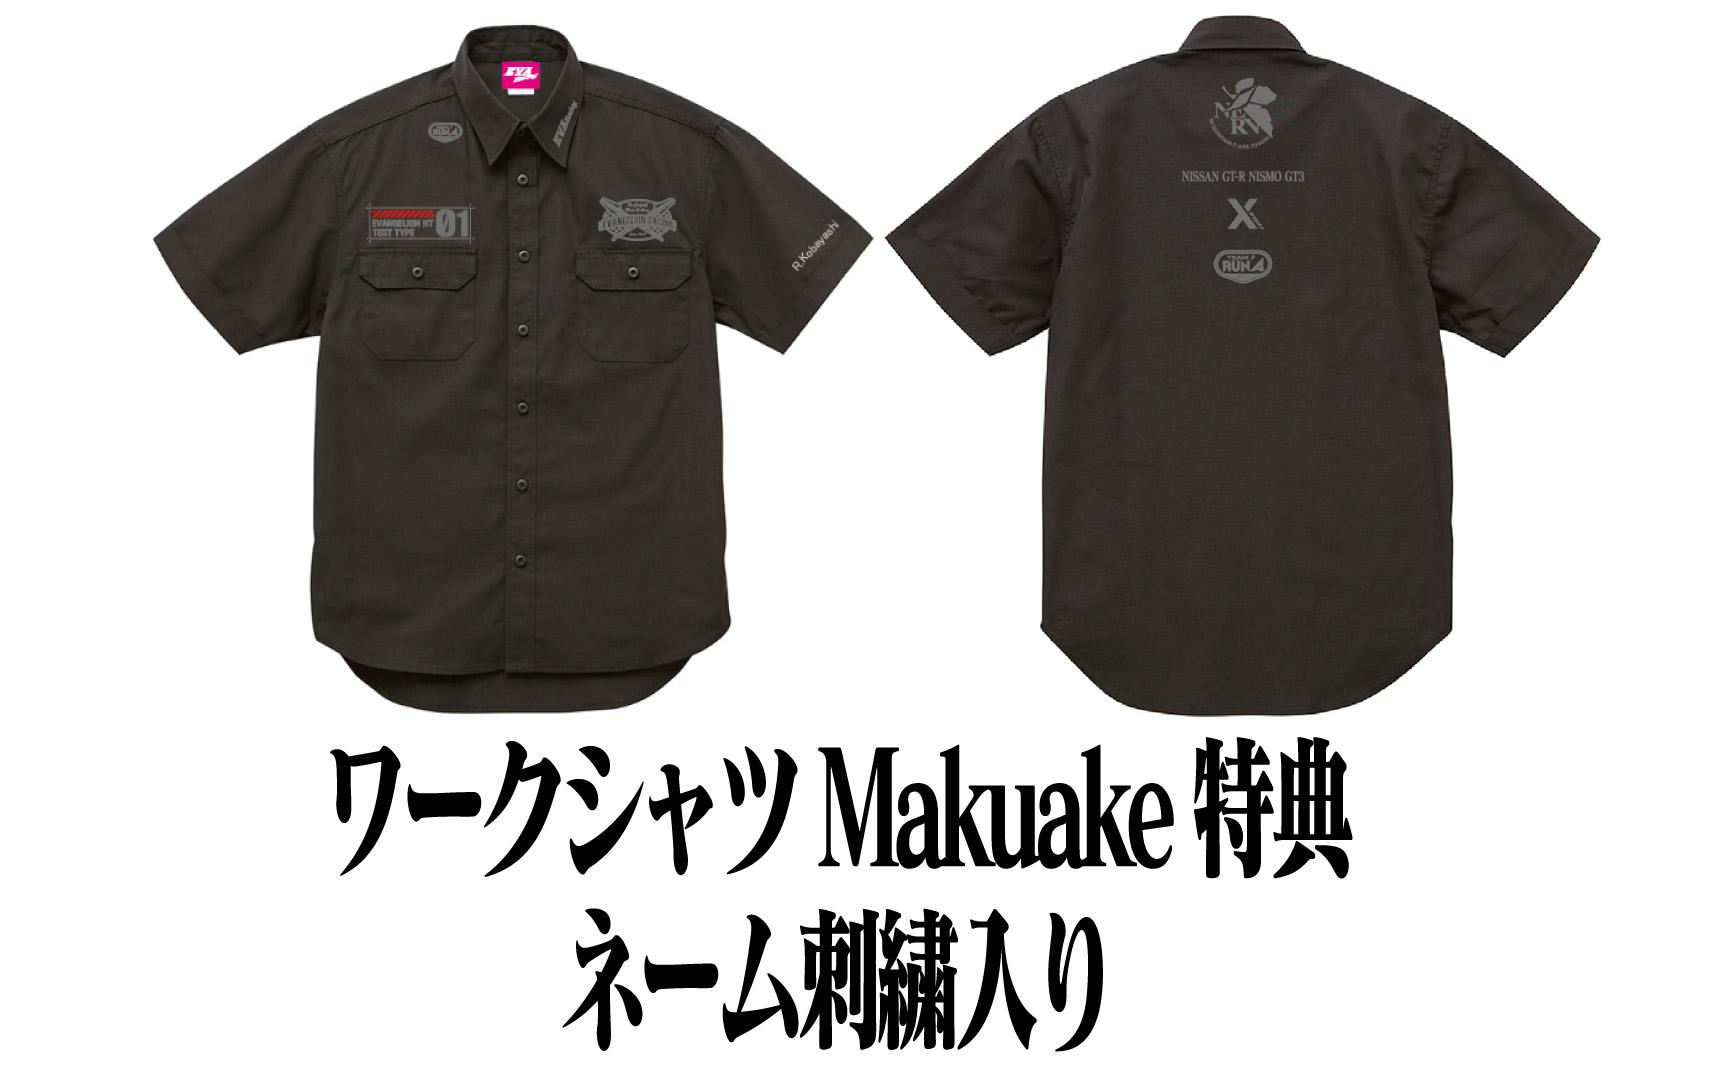 エヴァレーシングワークシャツ Makuake特典ネーム刺繍入り